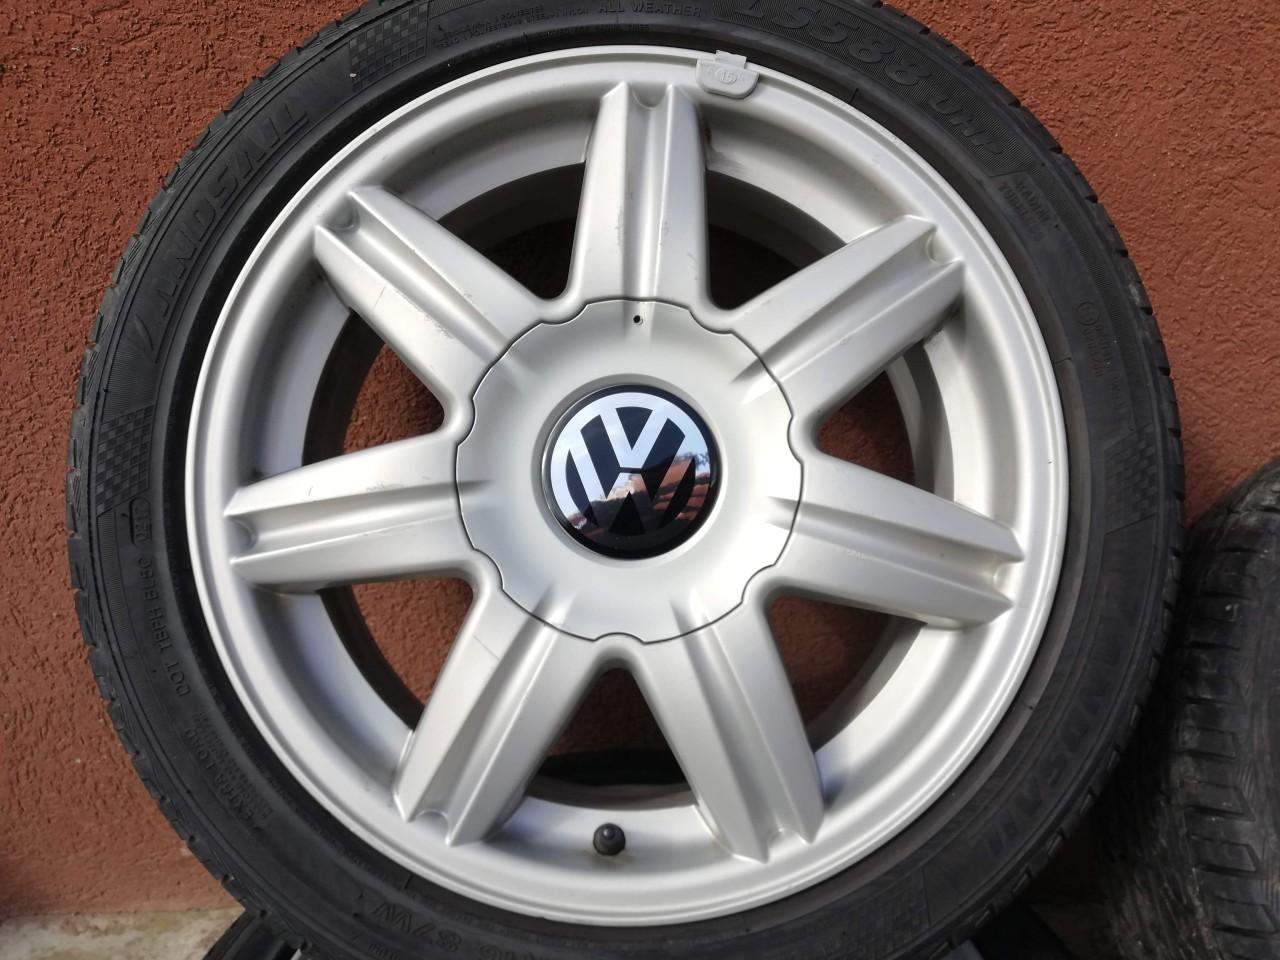 Jante aliaj VW 16 Volkswagen Golf 4, Bora, Polo - 5x100 – Originale